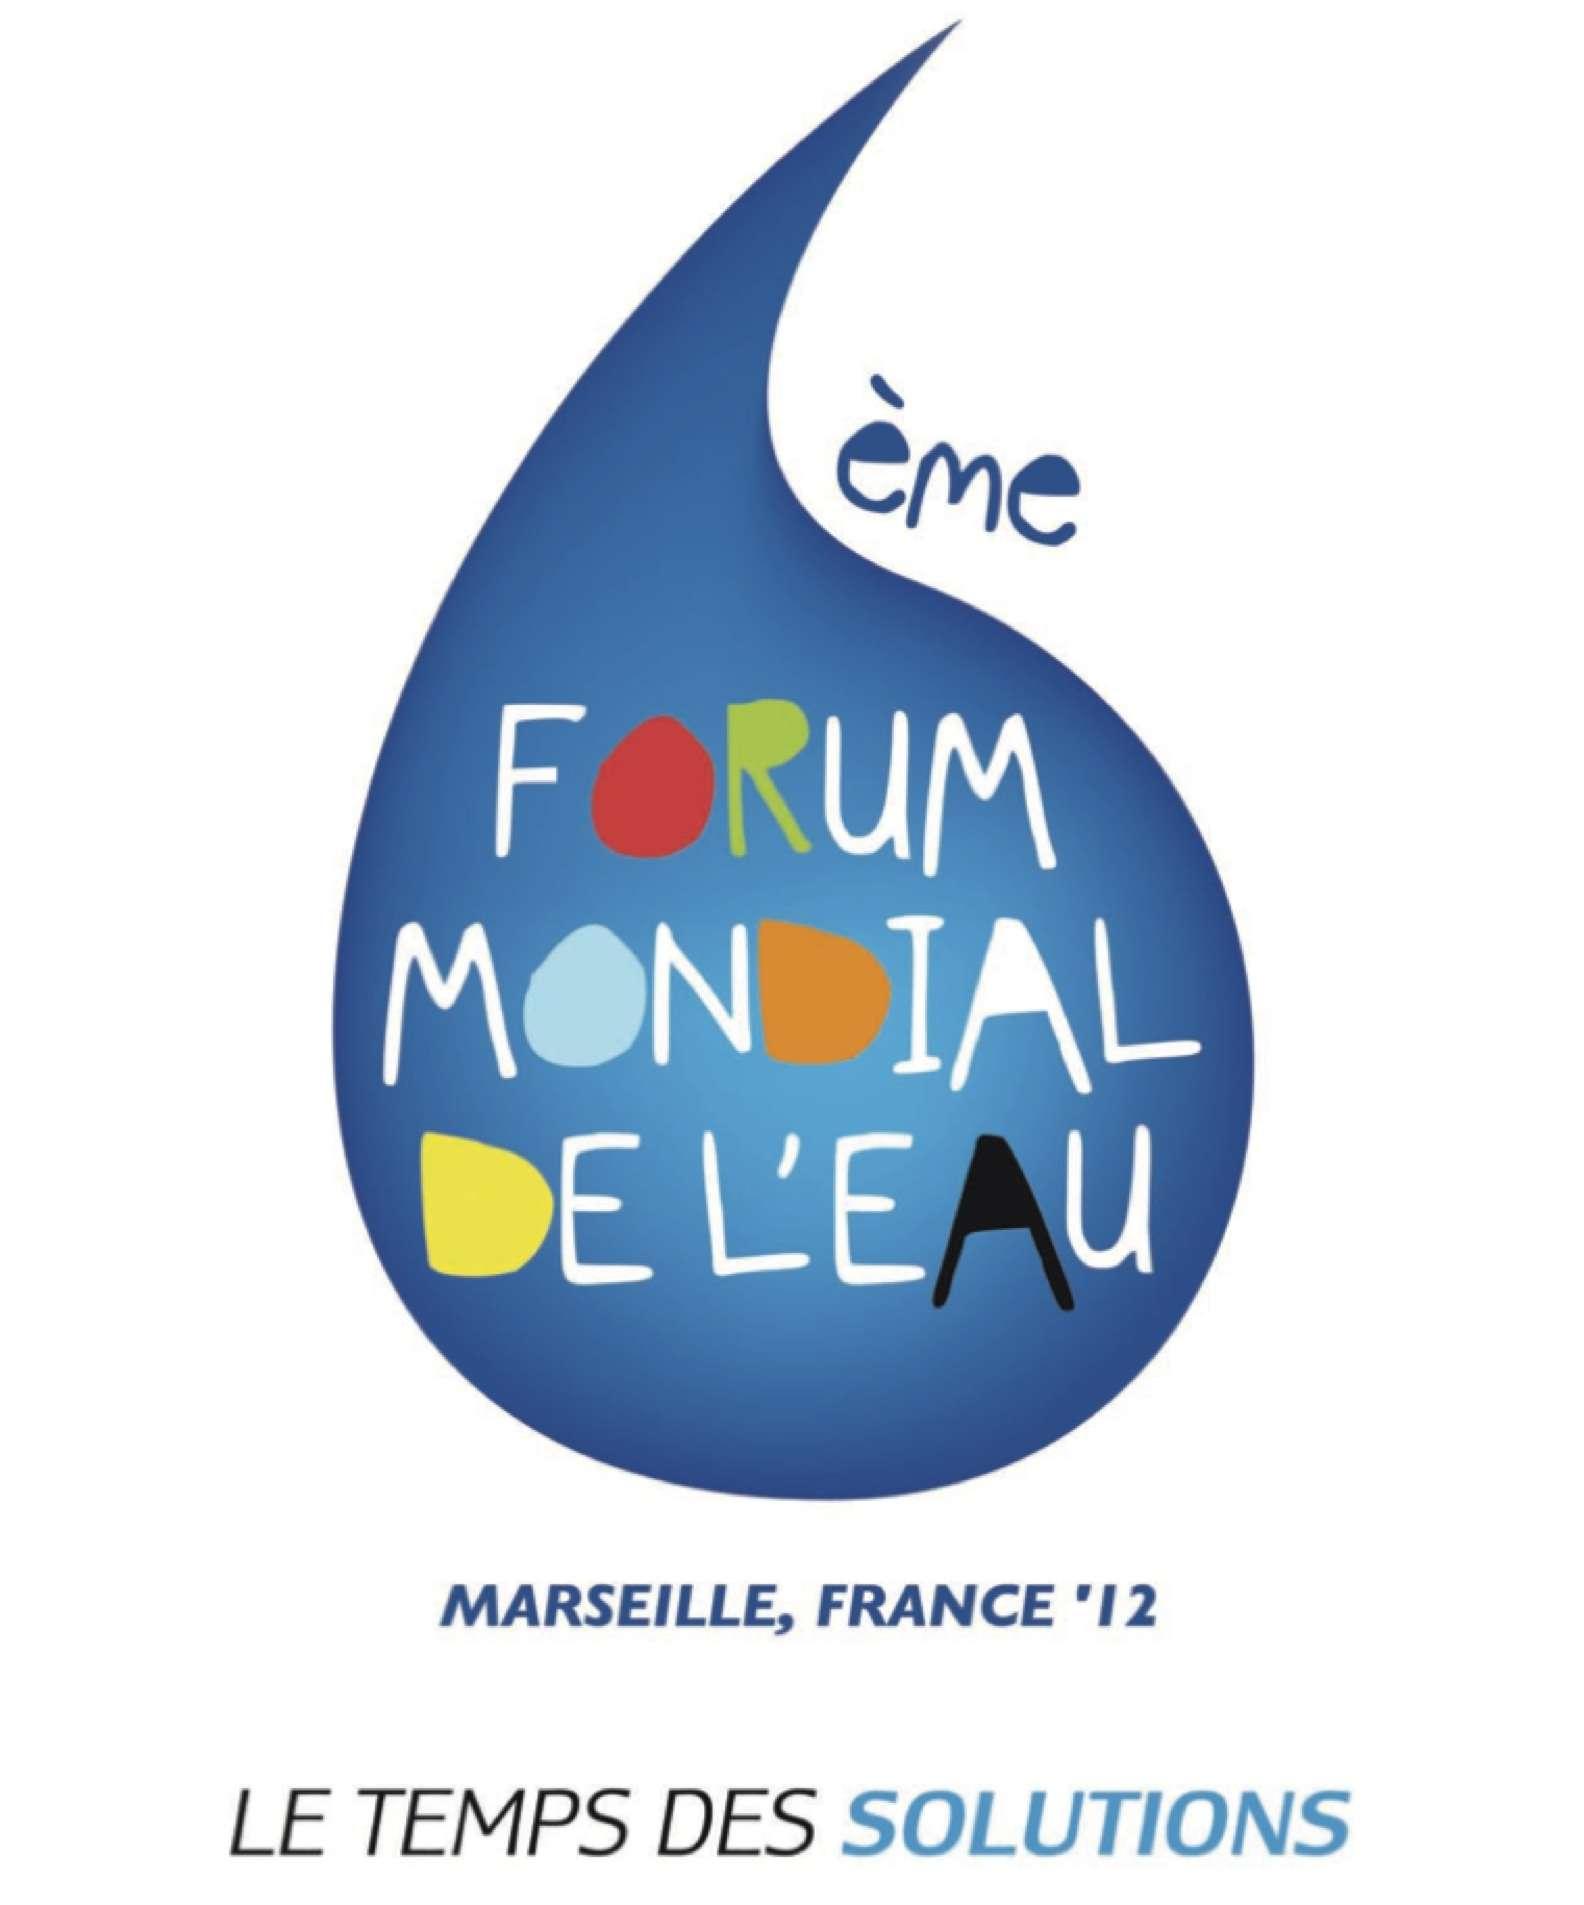 Le 6e Forum mondial de l'eau se tient à Marseille du 12 au 17 mars 2012. © DR